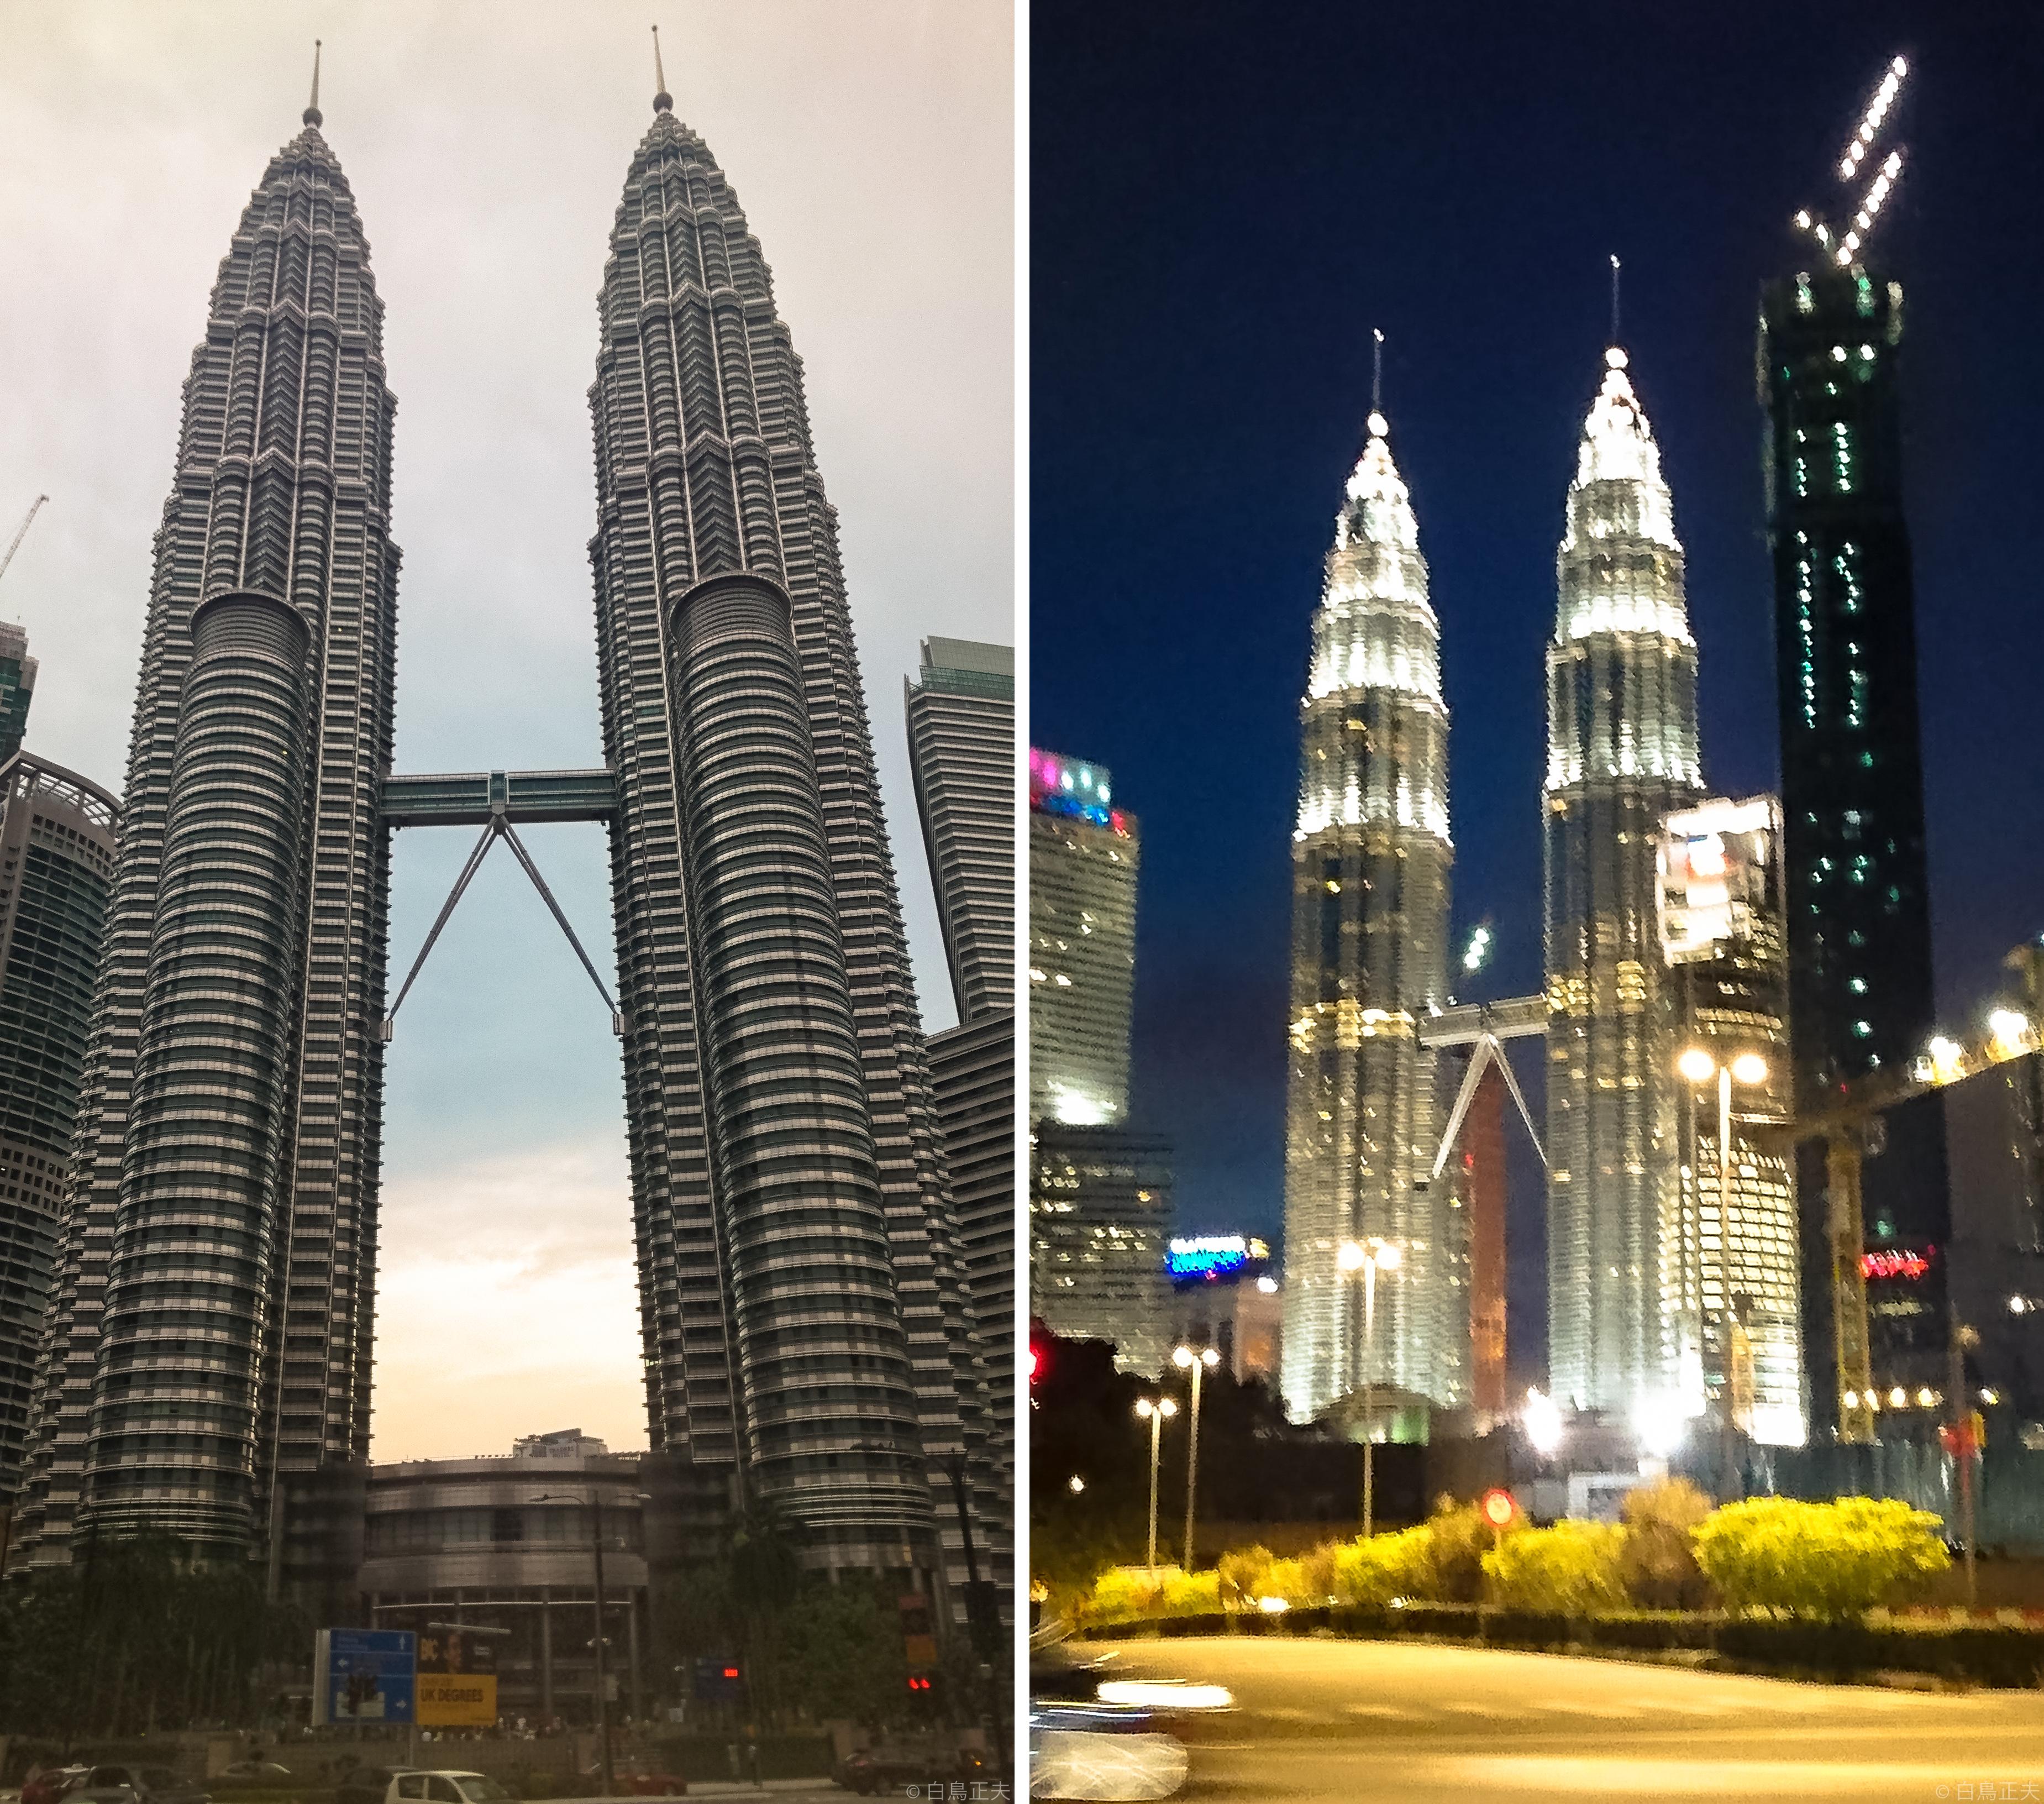 左)89階建てのペトロナス・ツインタワー  右)ツインタワーの夜景